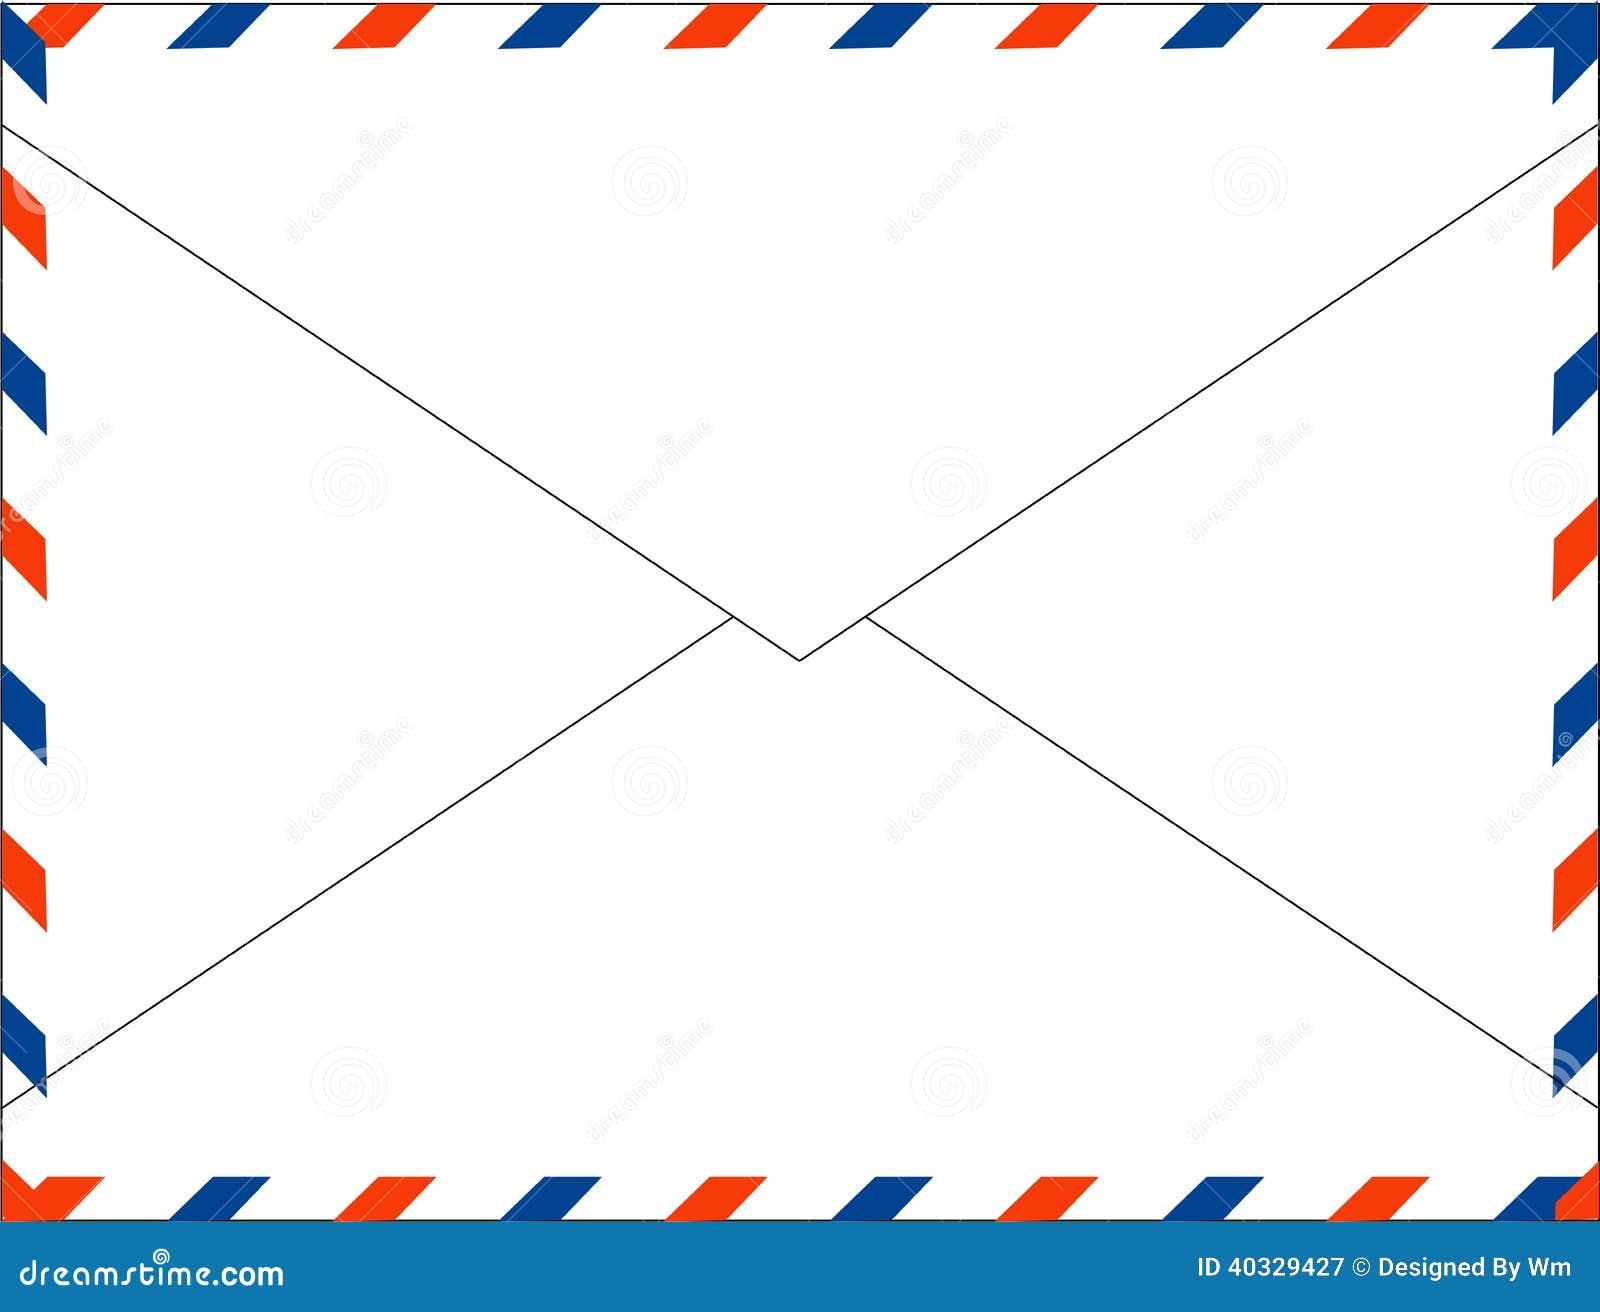 postal-mail-international-letters-letter-40329427.jpg